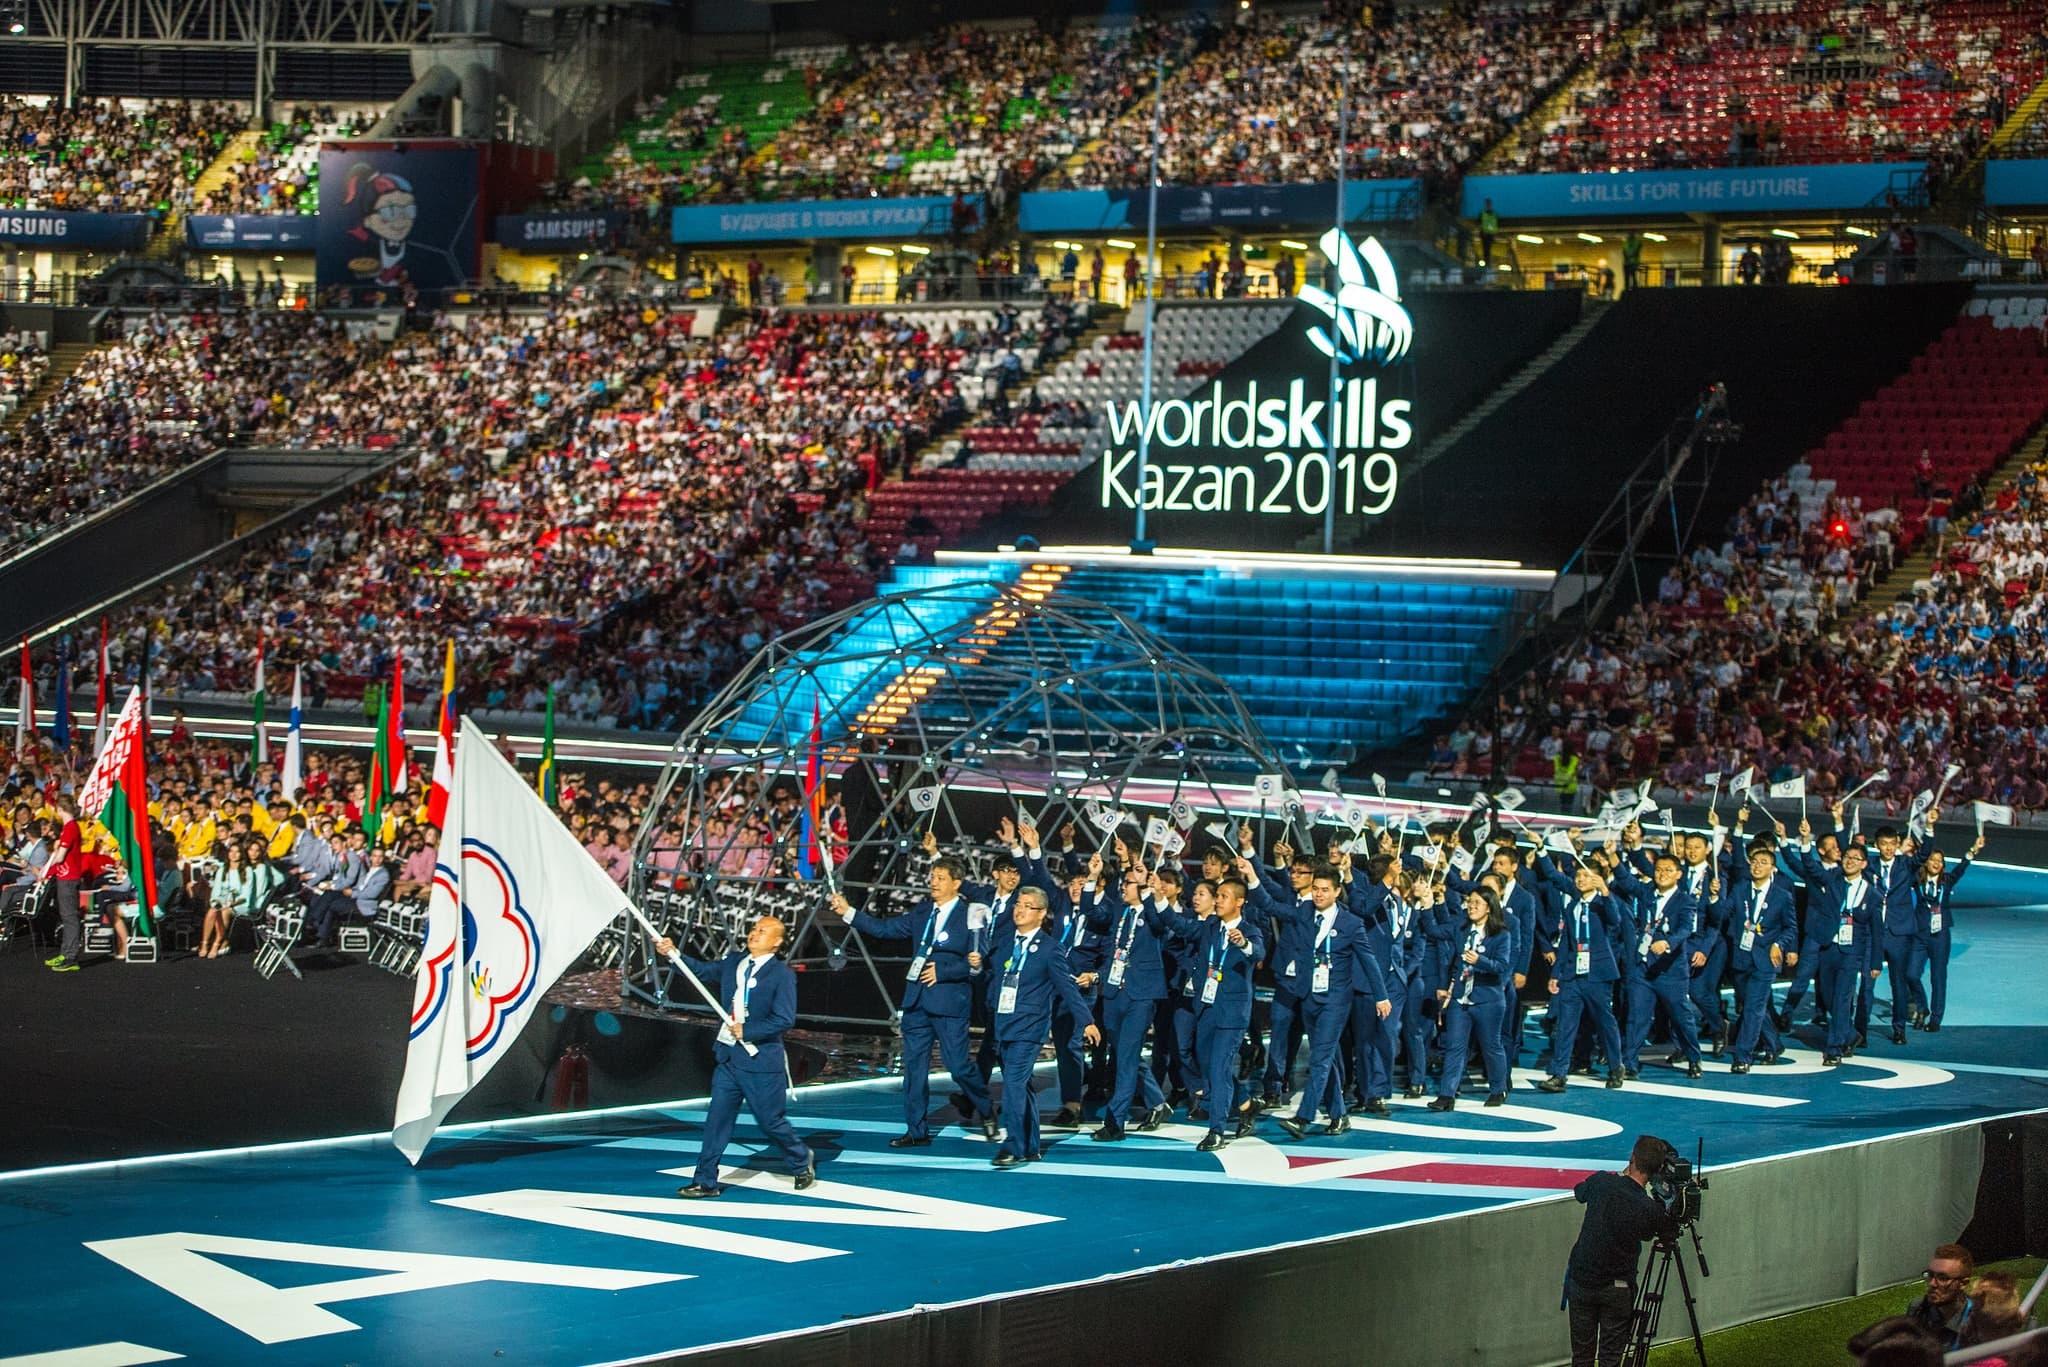 WSI:中國上海國際賽 明年10/12-17舉行